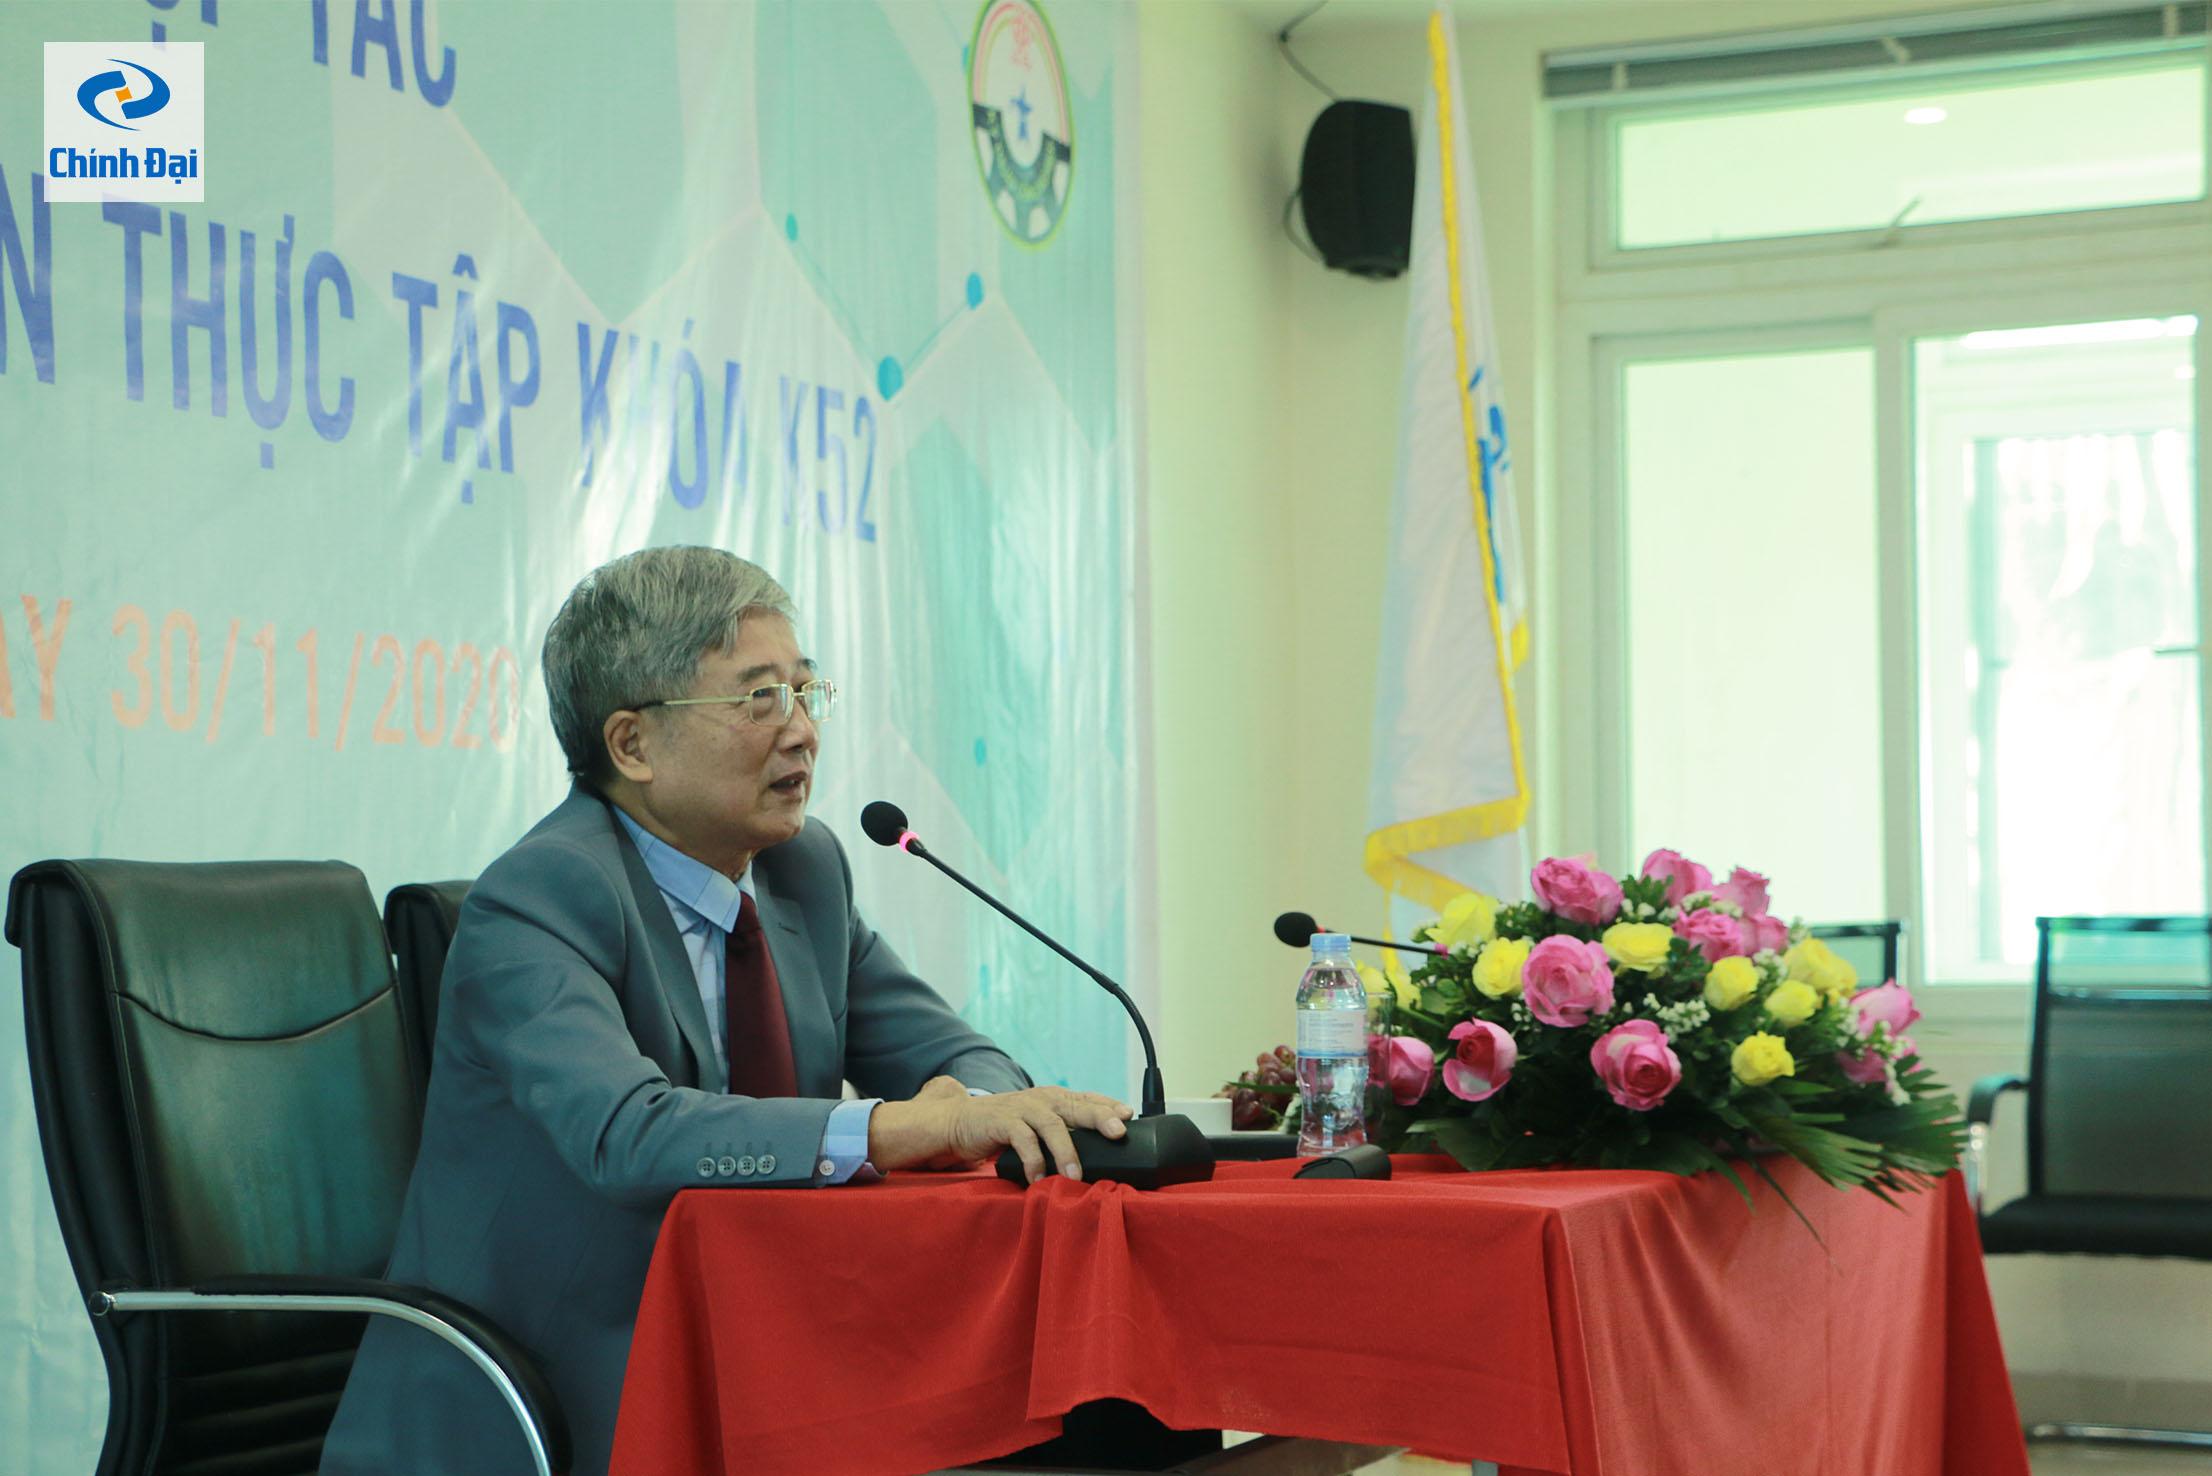 Ông Đồng Văn Bột, Tổng Giám đốc Công ty TNHH Công nghiệp Chính Đại phát biểu khai mạc hội nghị